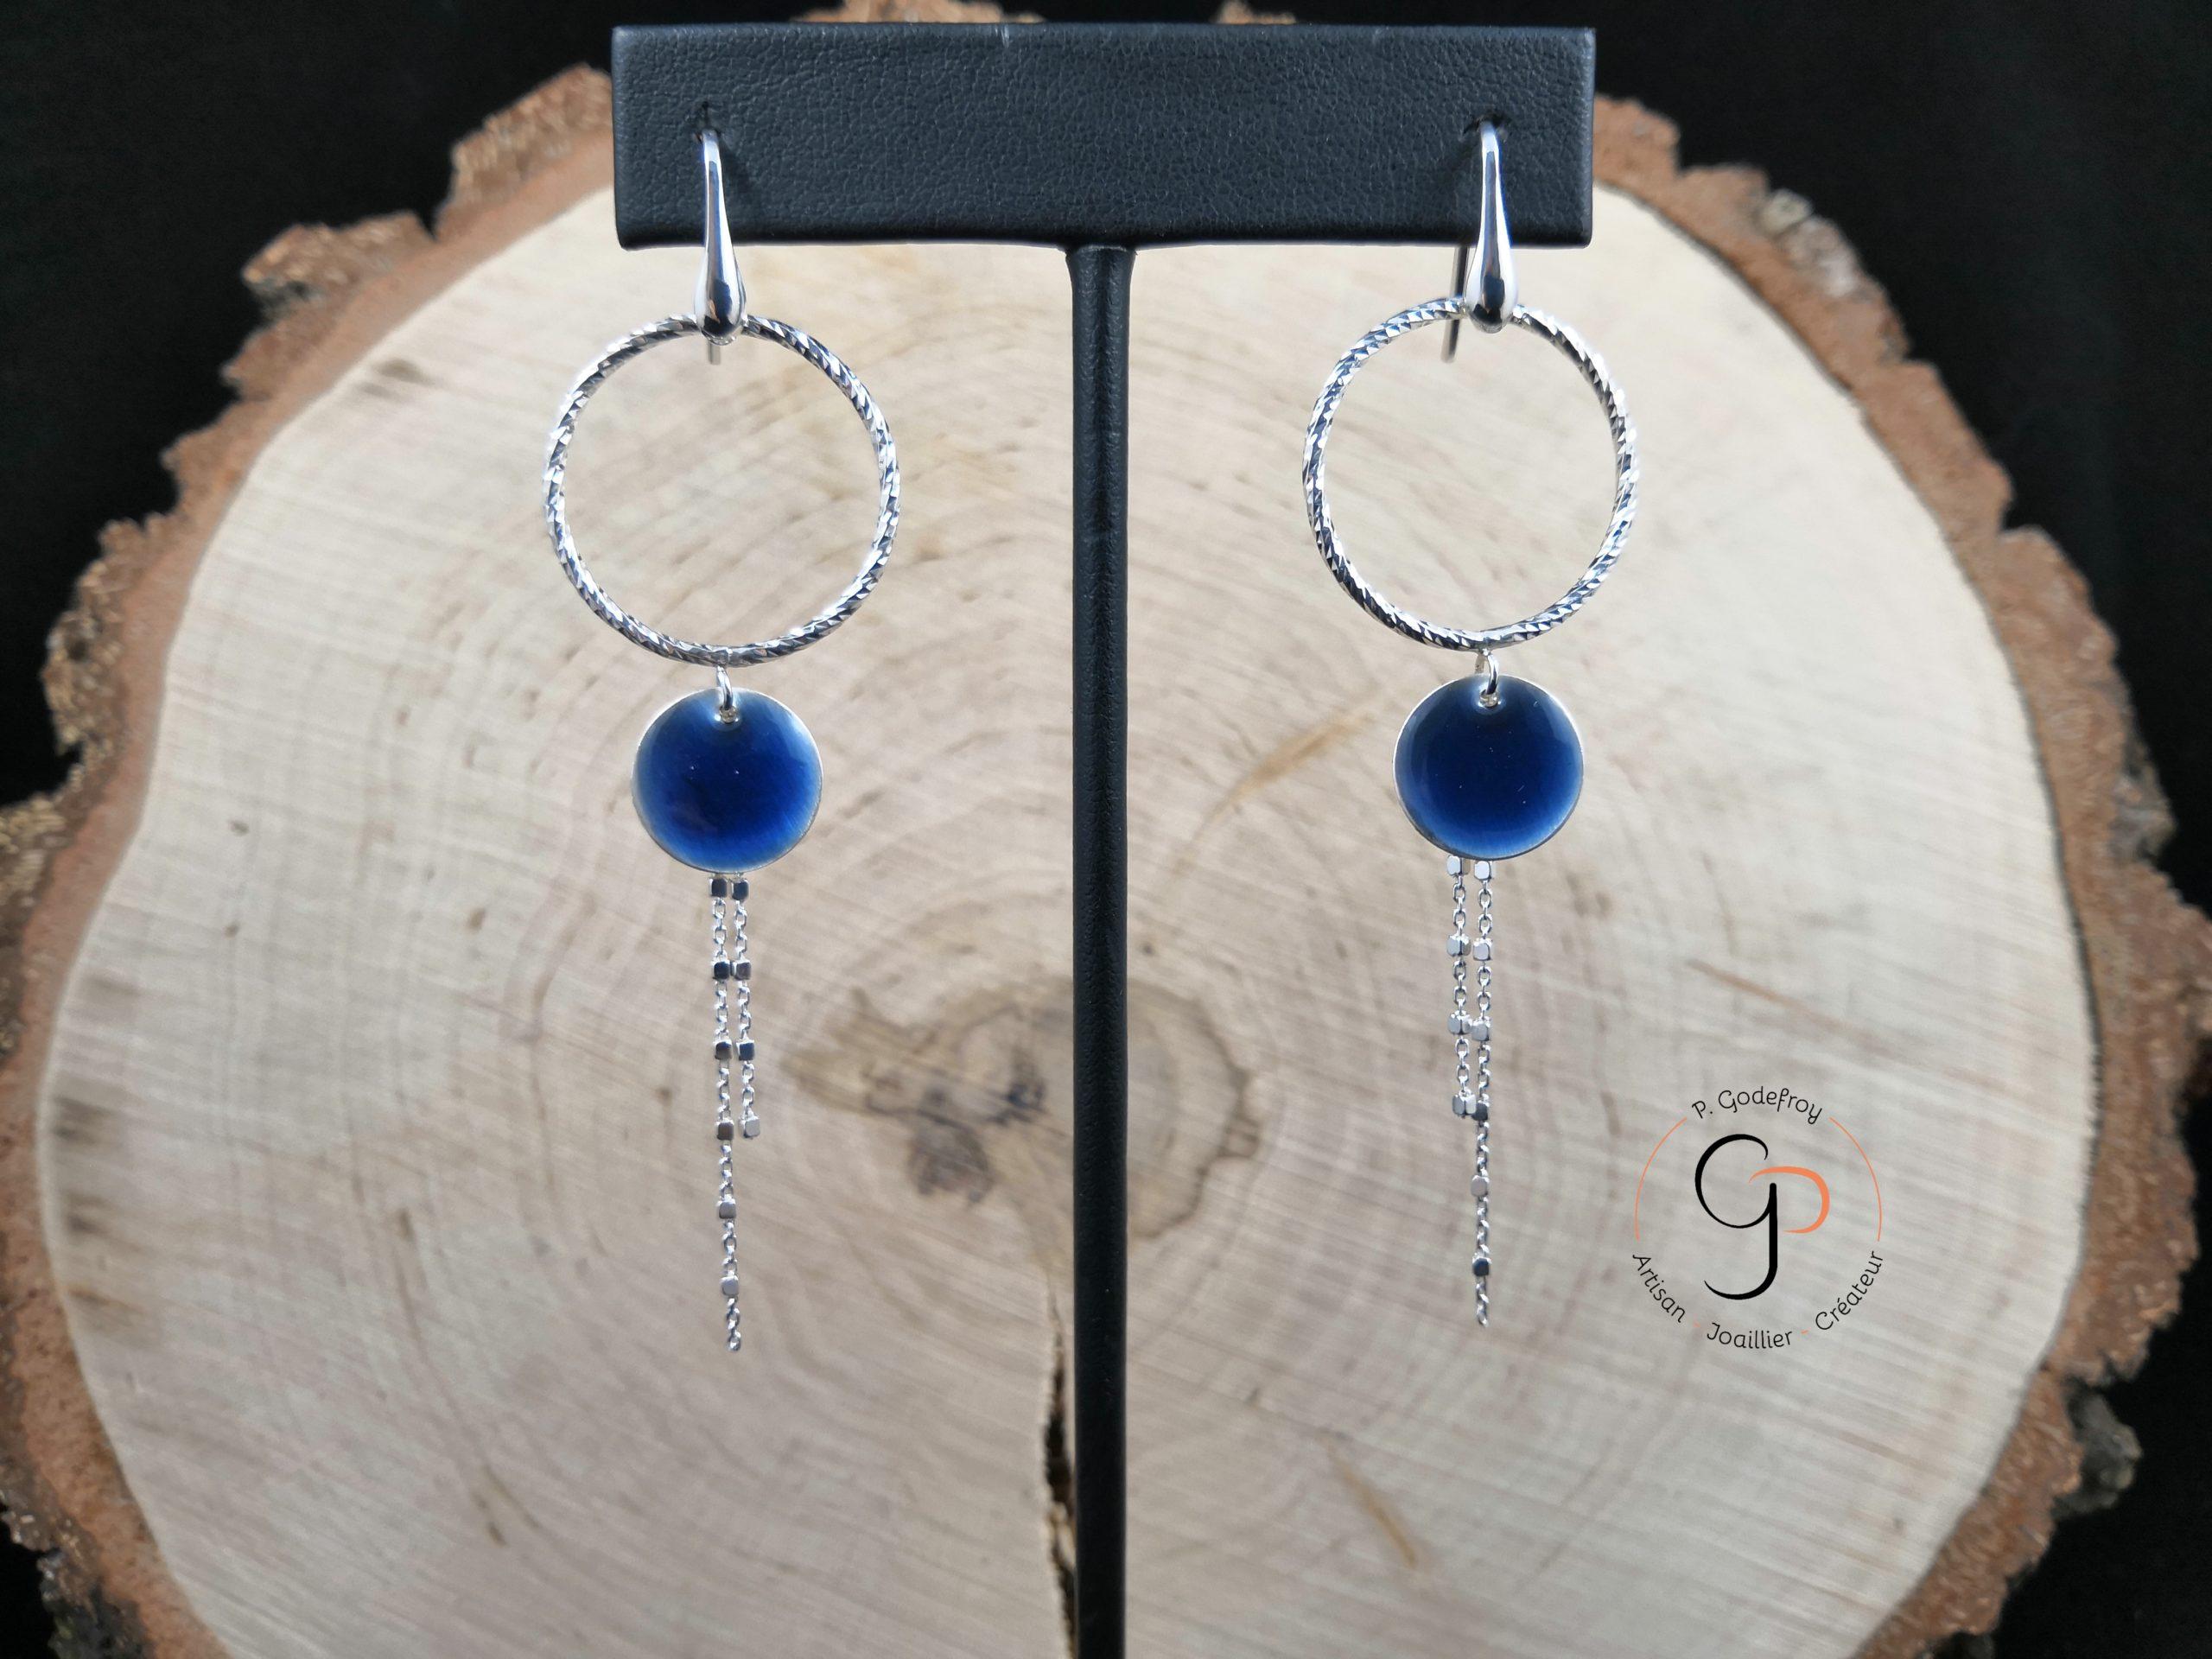 boucles d'oreilles cercles diamantés pendants laque bleue 63 euros